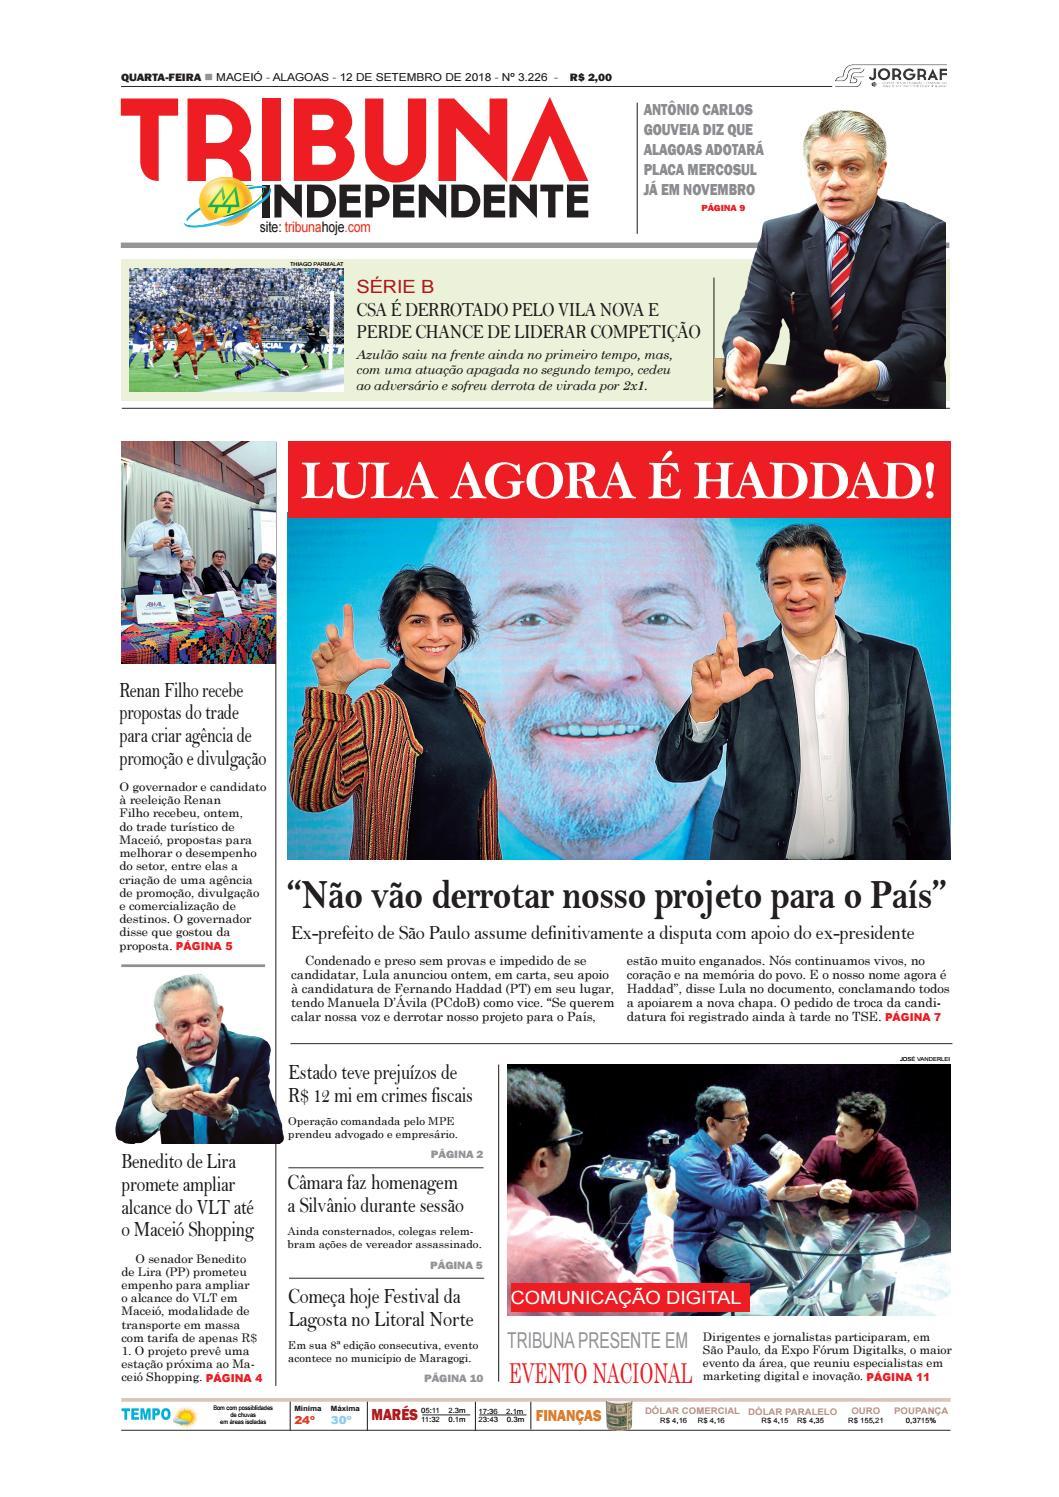 Edição número 3226 - 12 de setembro de 2018 by Tribuna Hoje - issuu 6f051d161e8d8